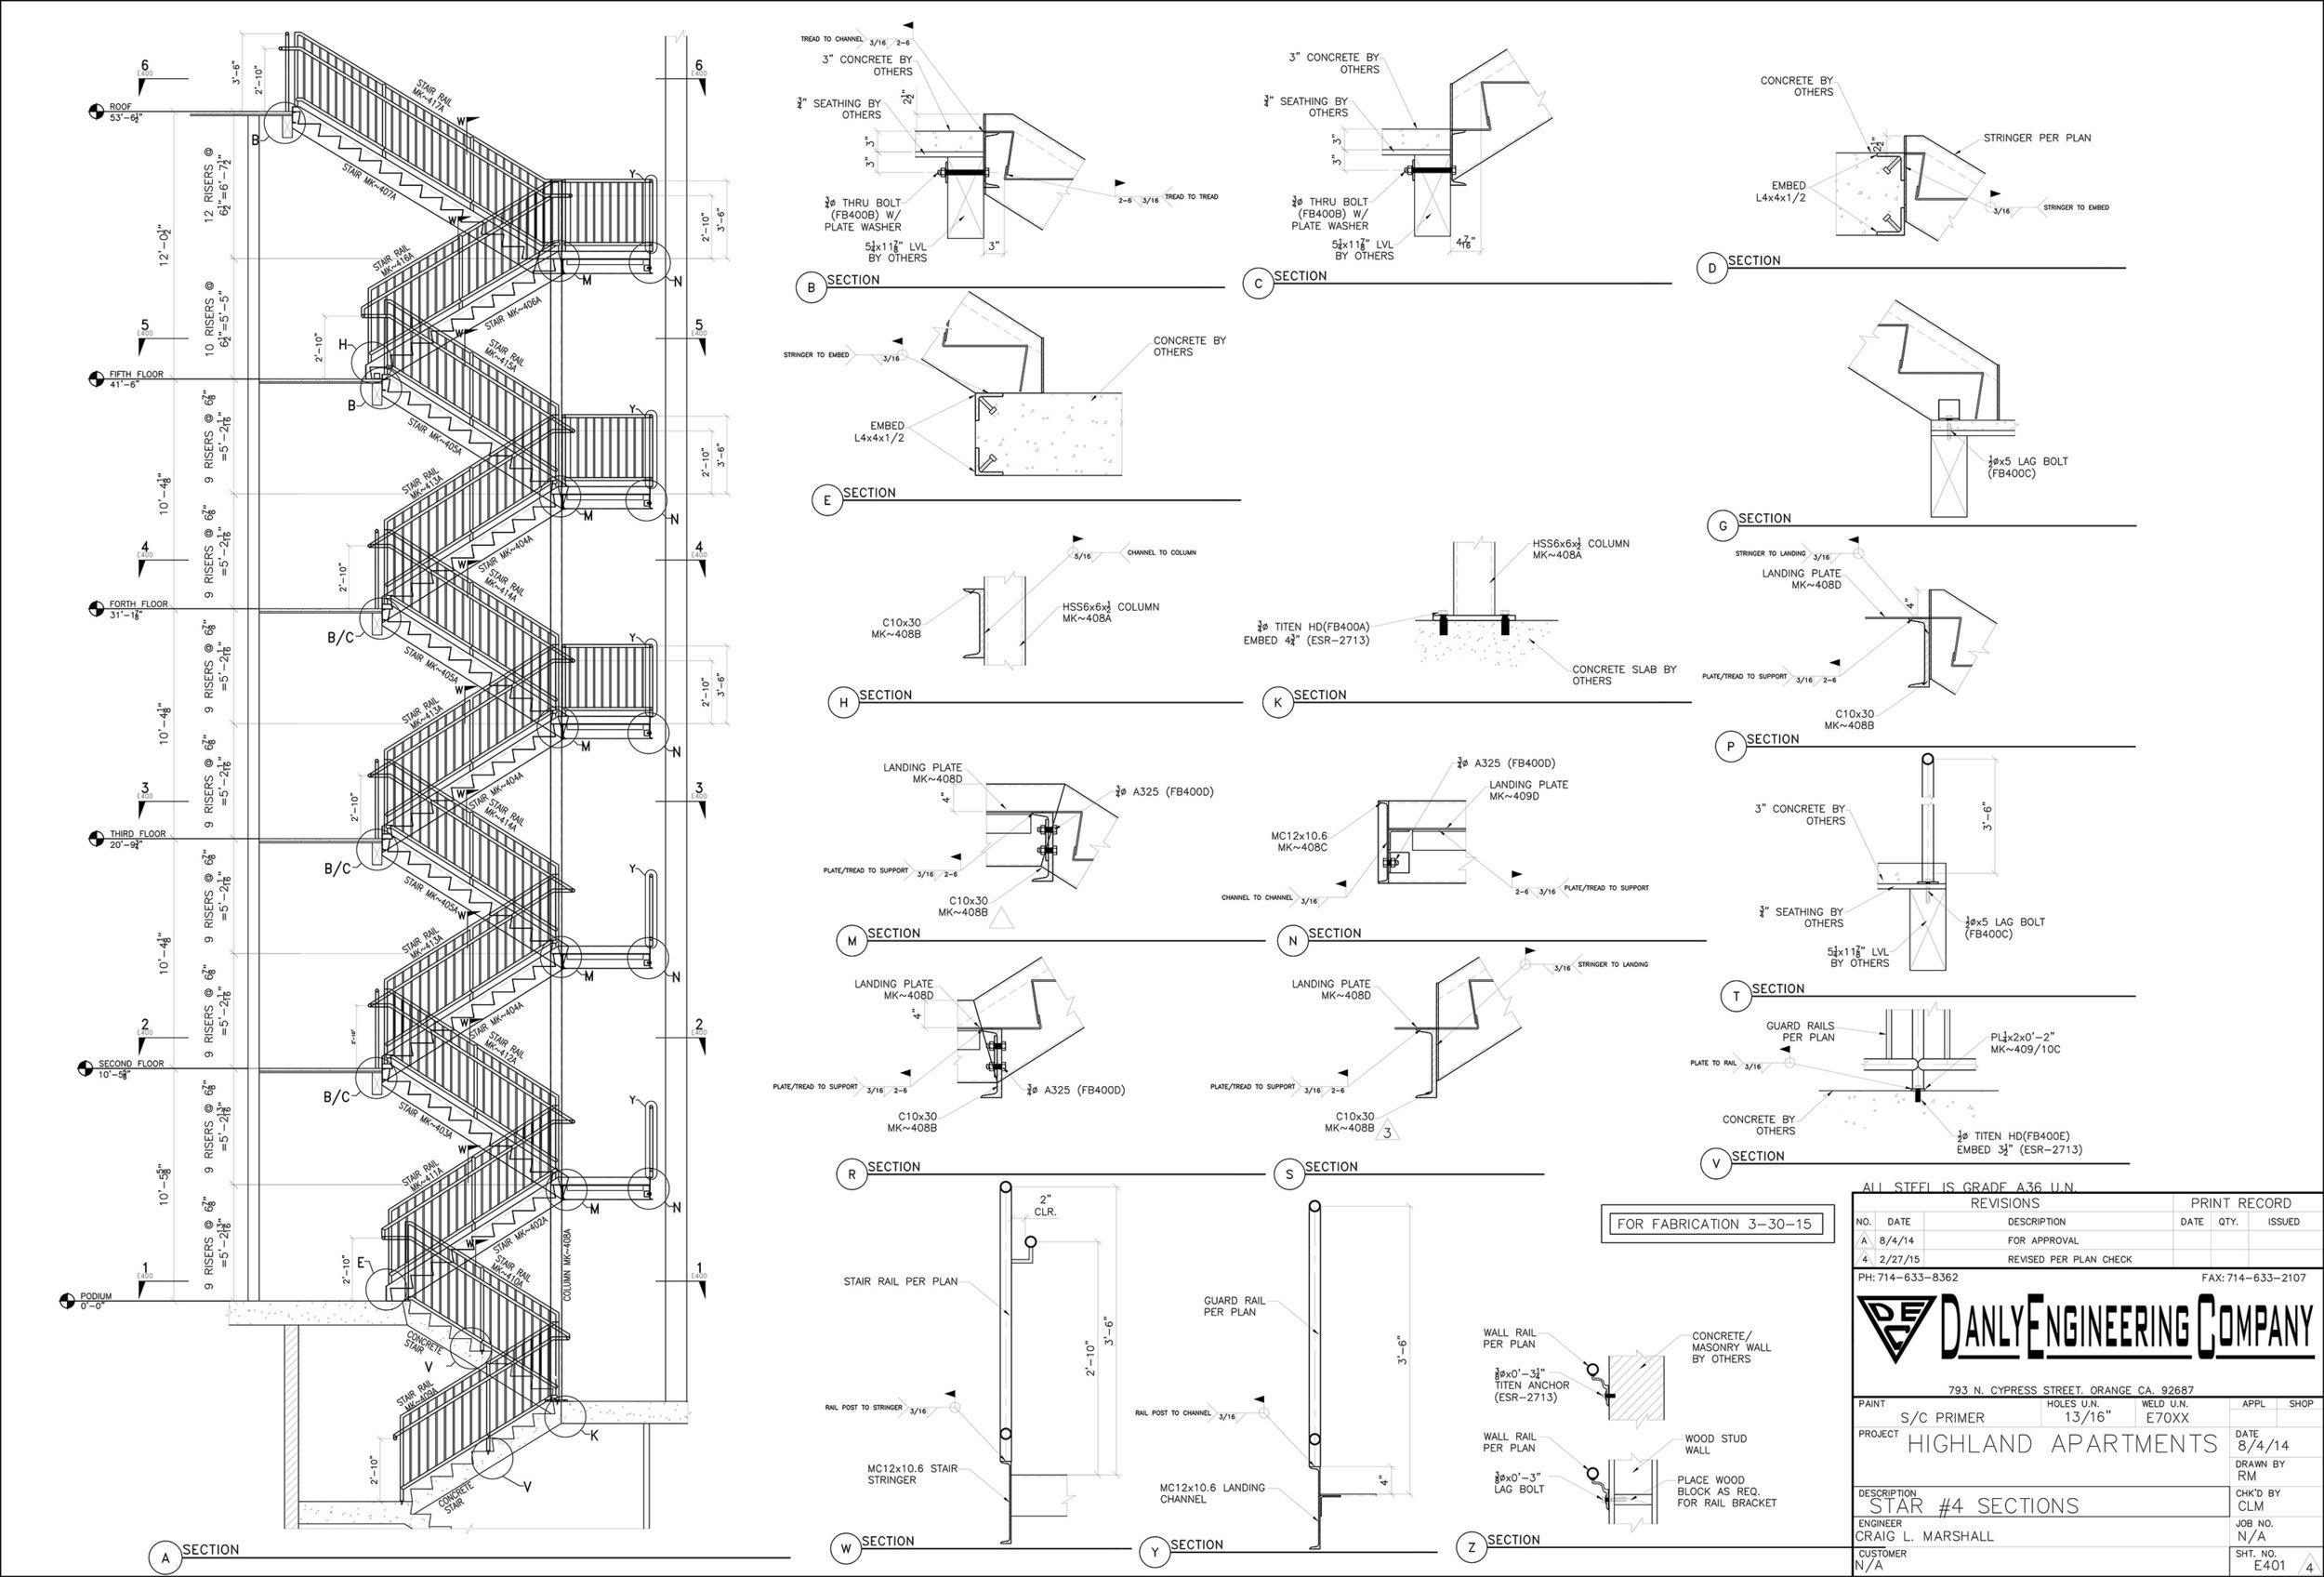 E401-Sheet 1.jpg